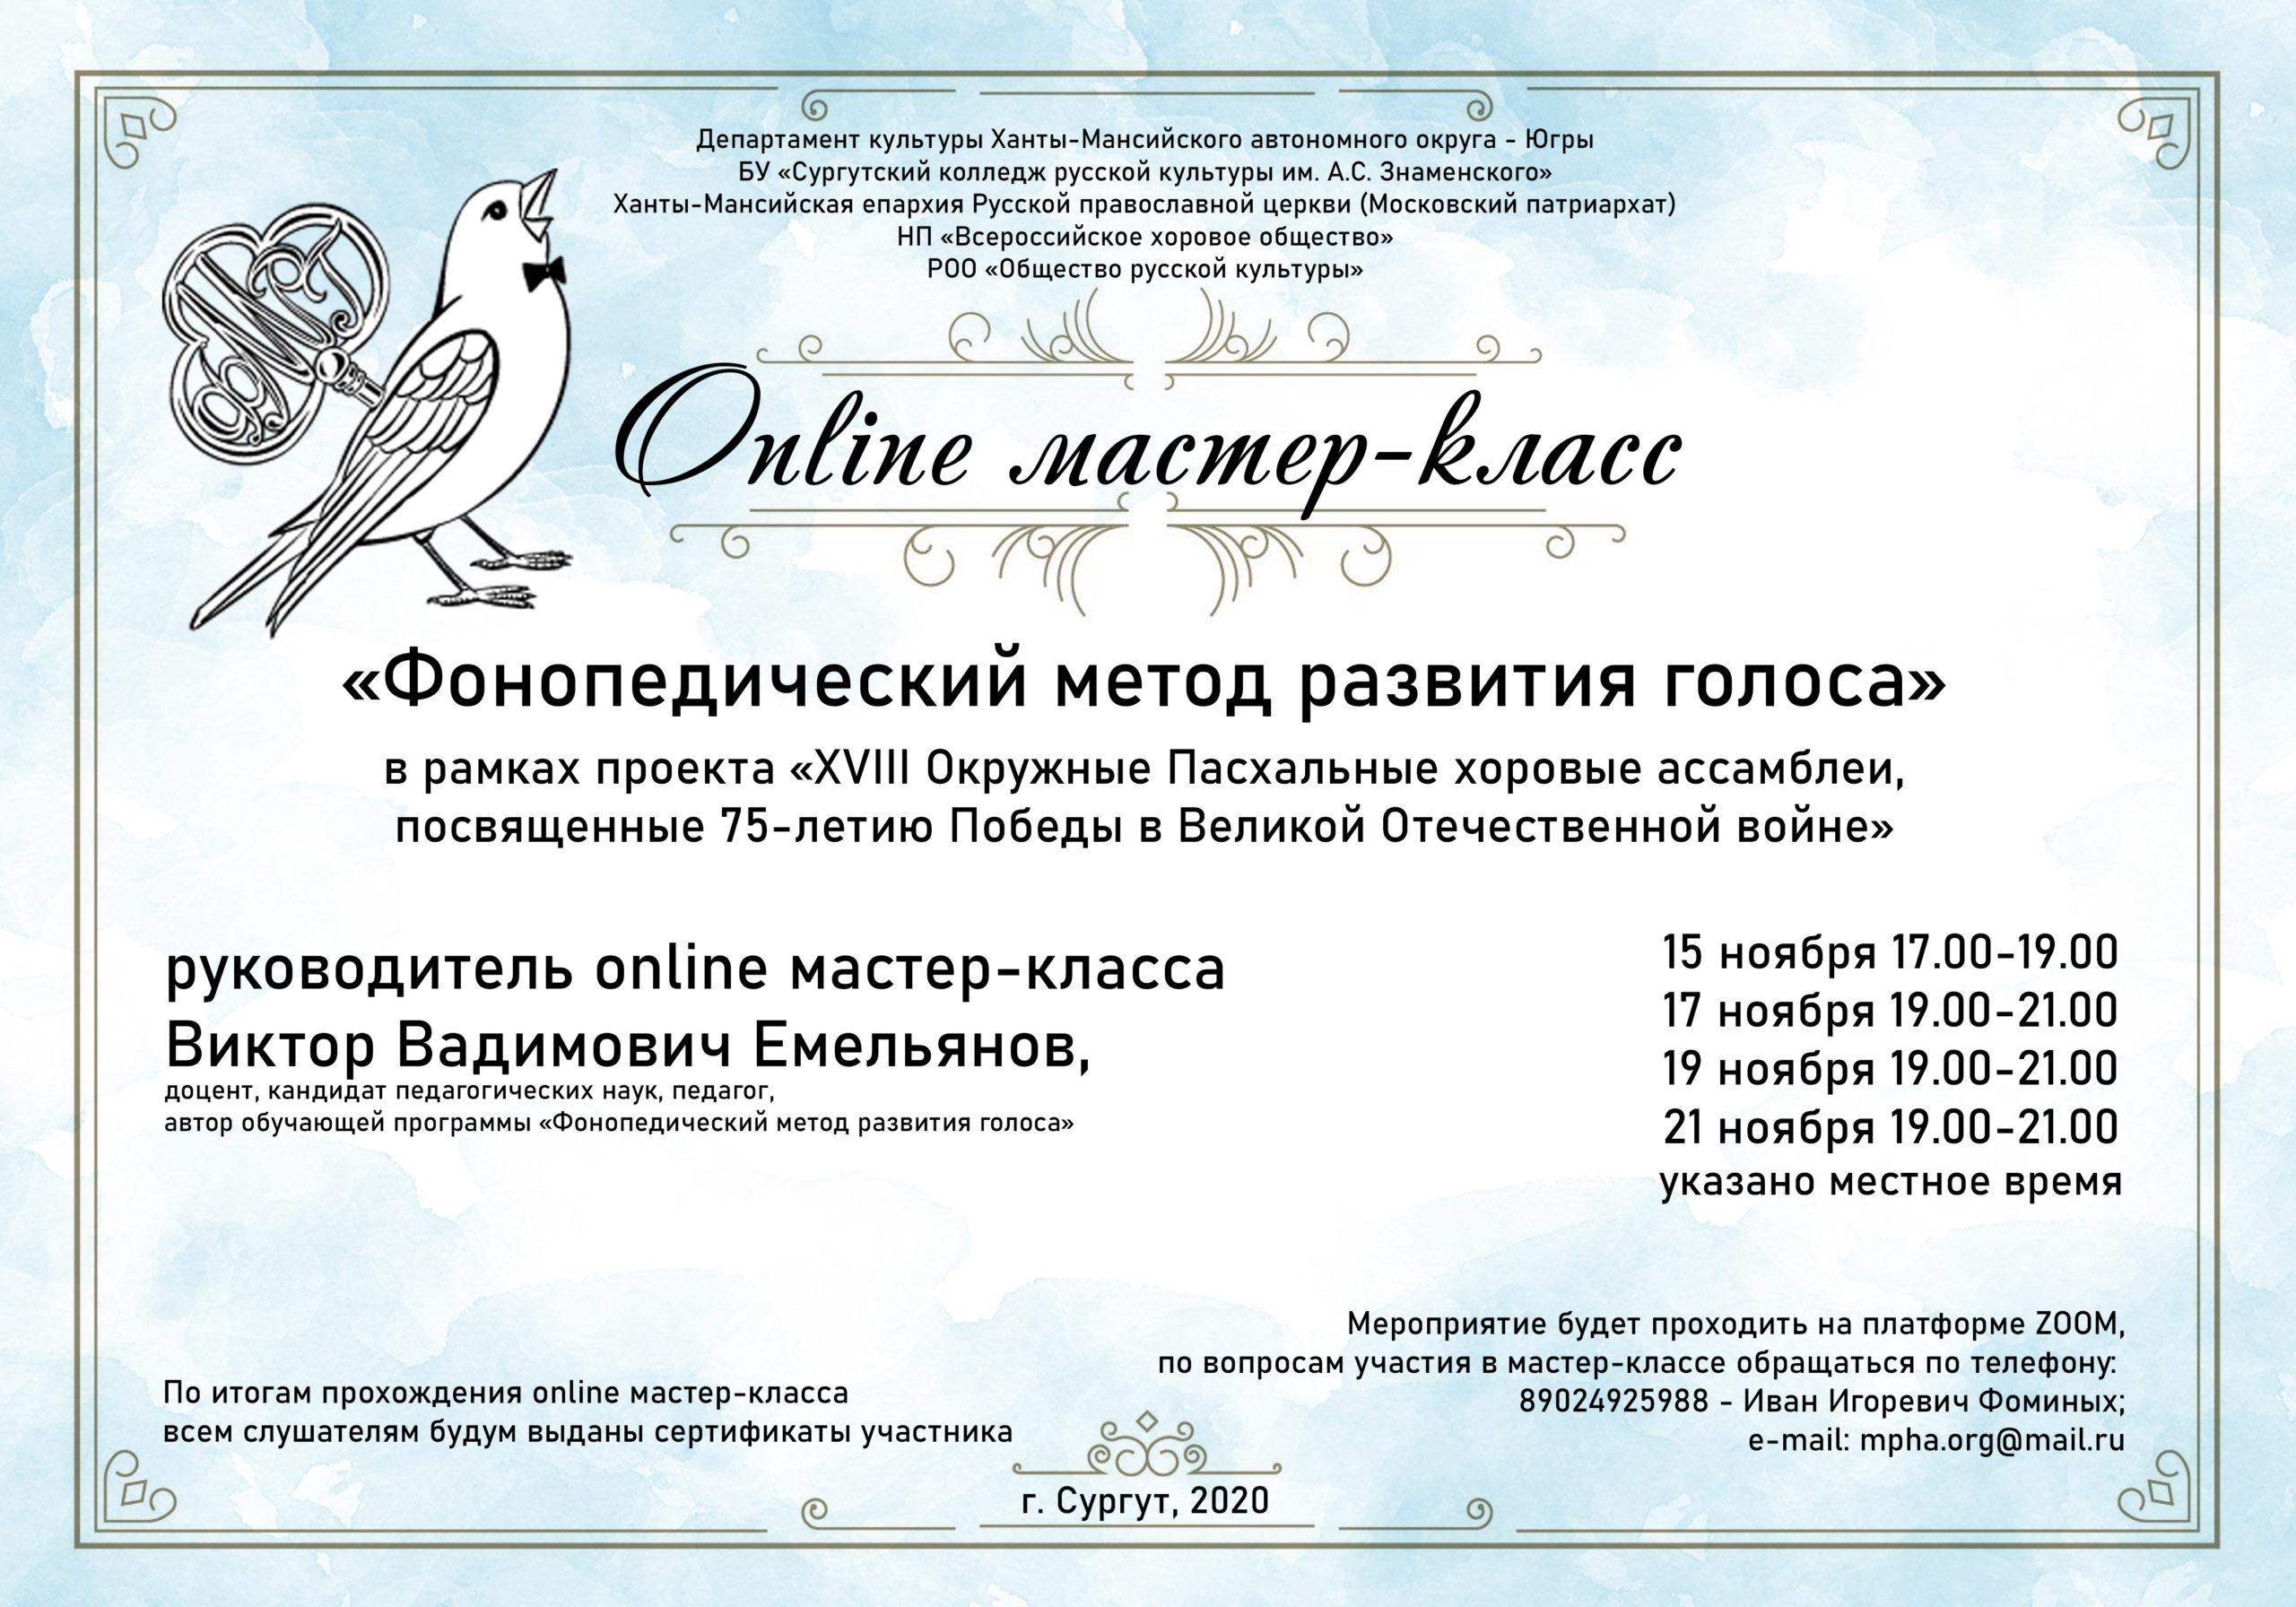 Afisha_m-klassa_Emelyanov